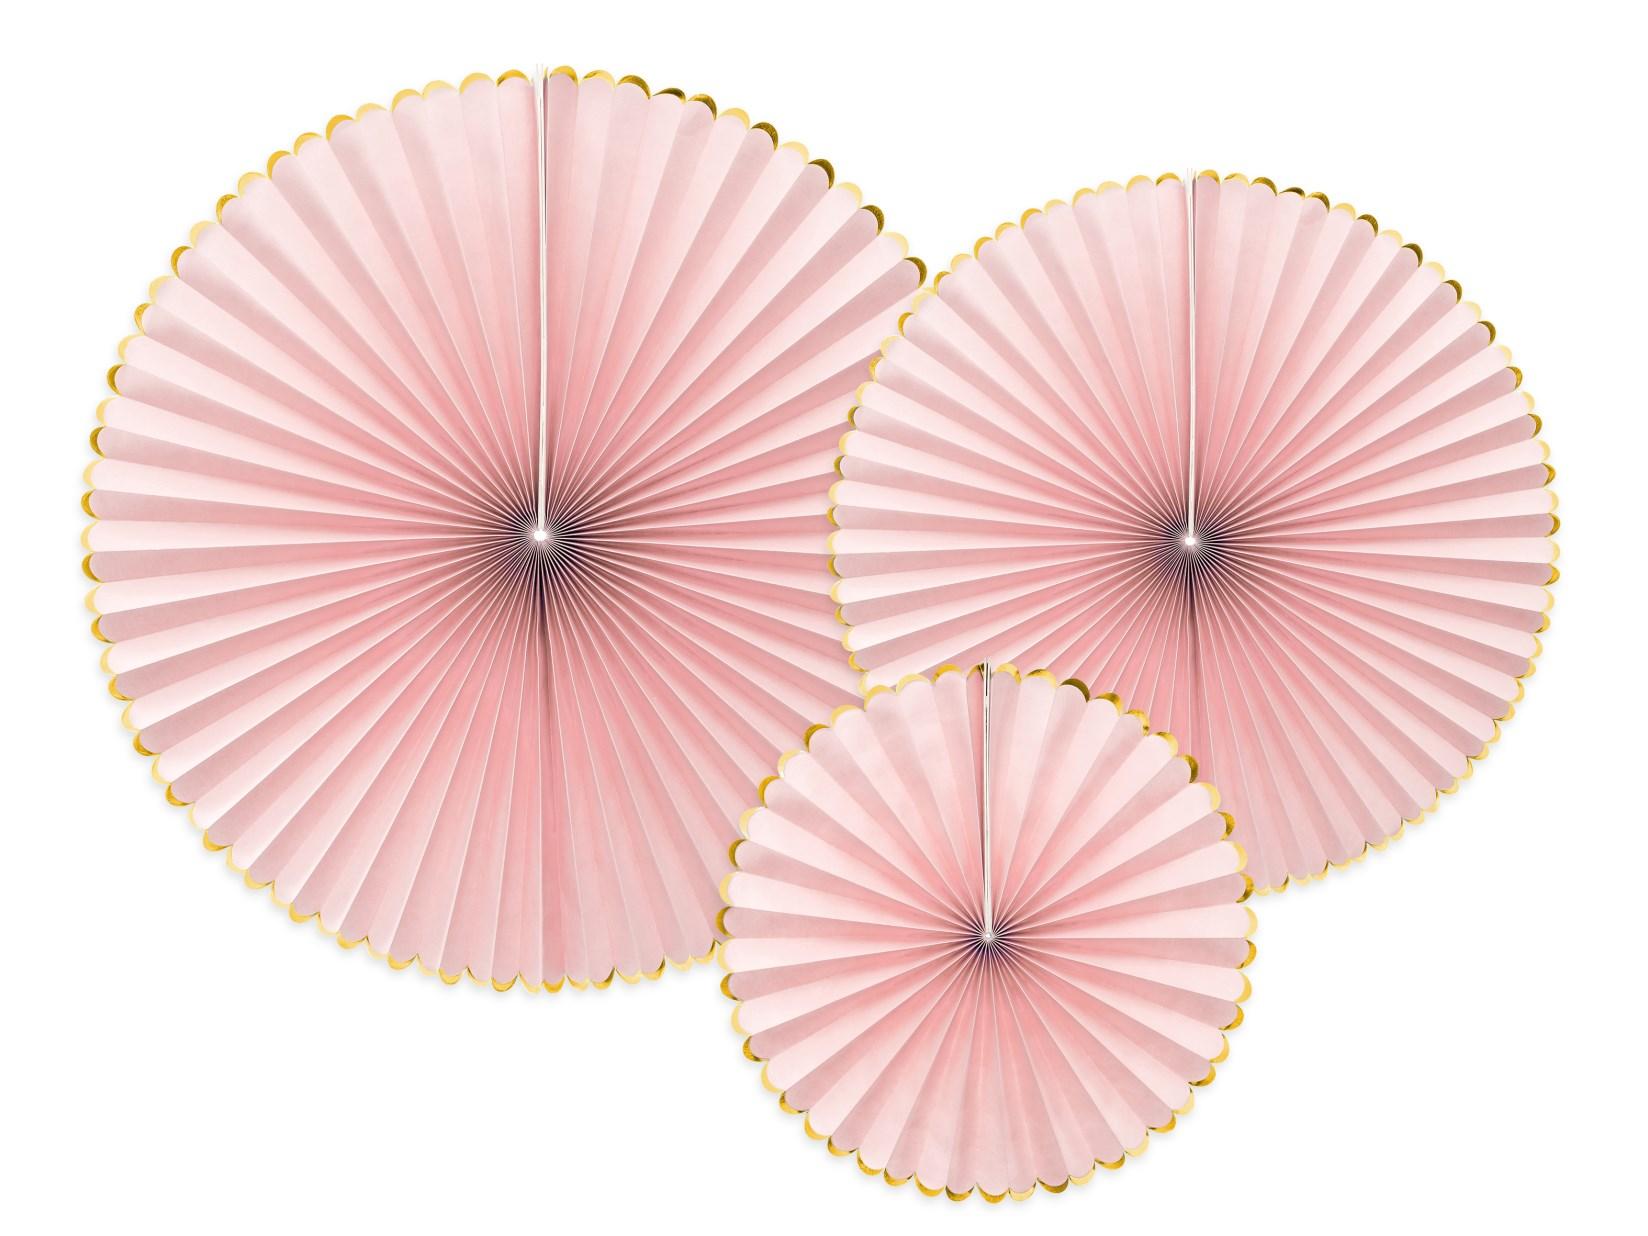 Χάρτινες Βεντάλιες Ροζ με Χρυσό – 3 Τεμάχια